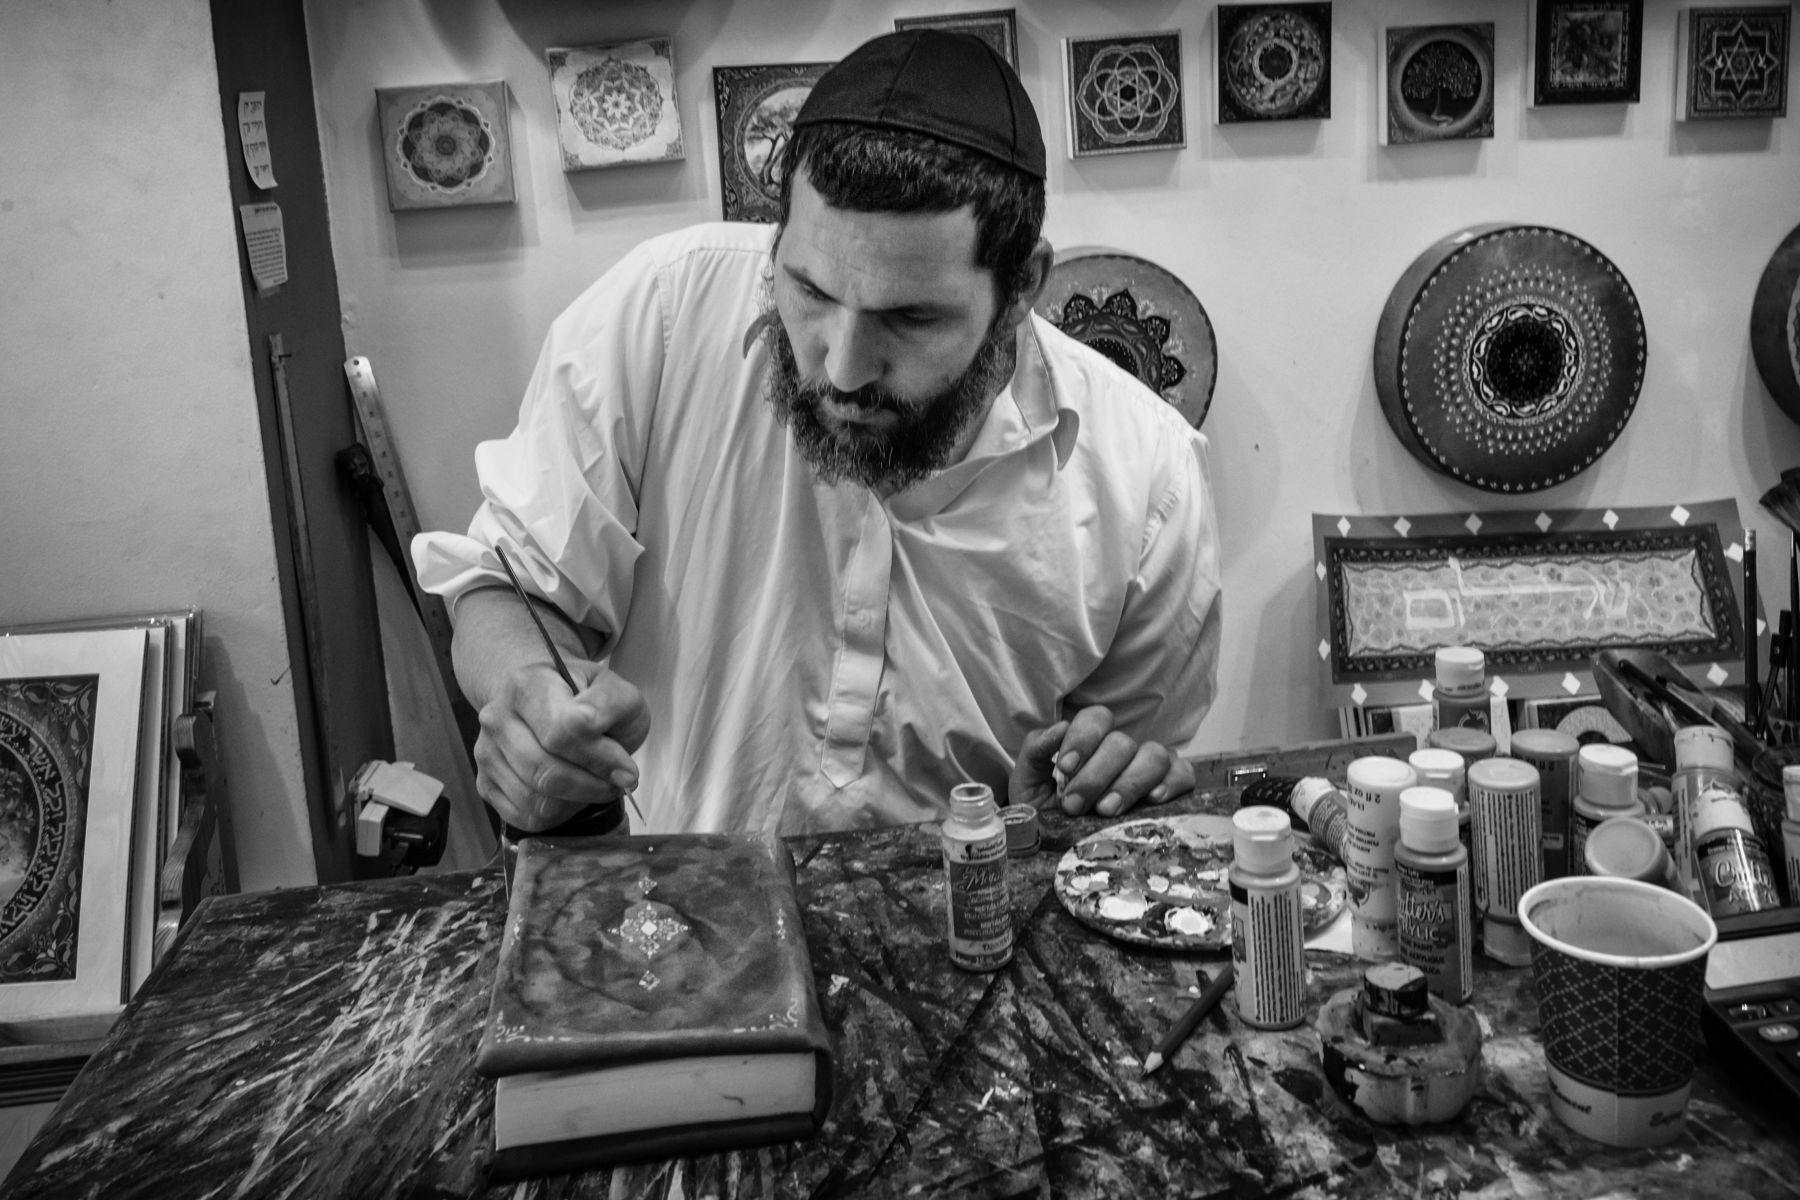 Tzfat, Israel  04/27/15